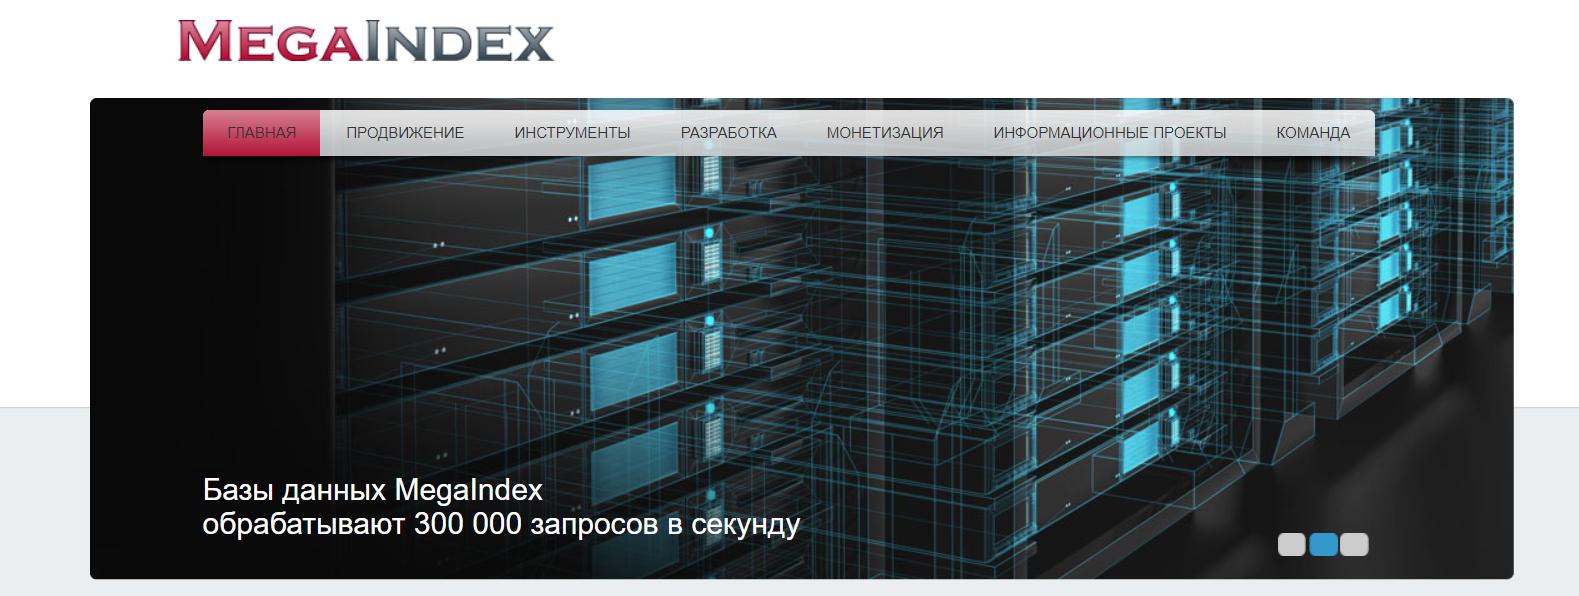 Megaindex — какой сервис автоматического продвижения выбрать